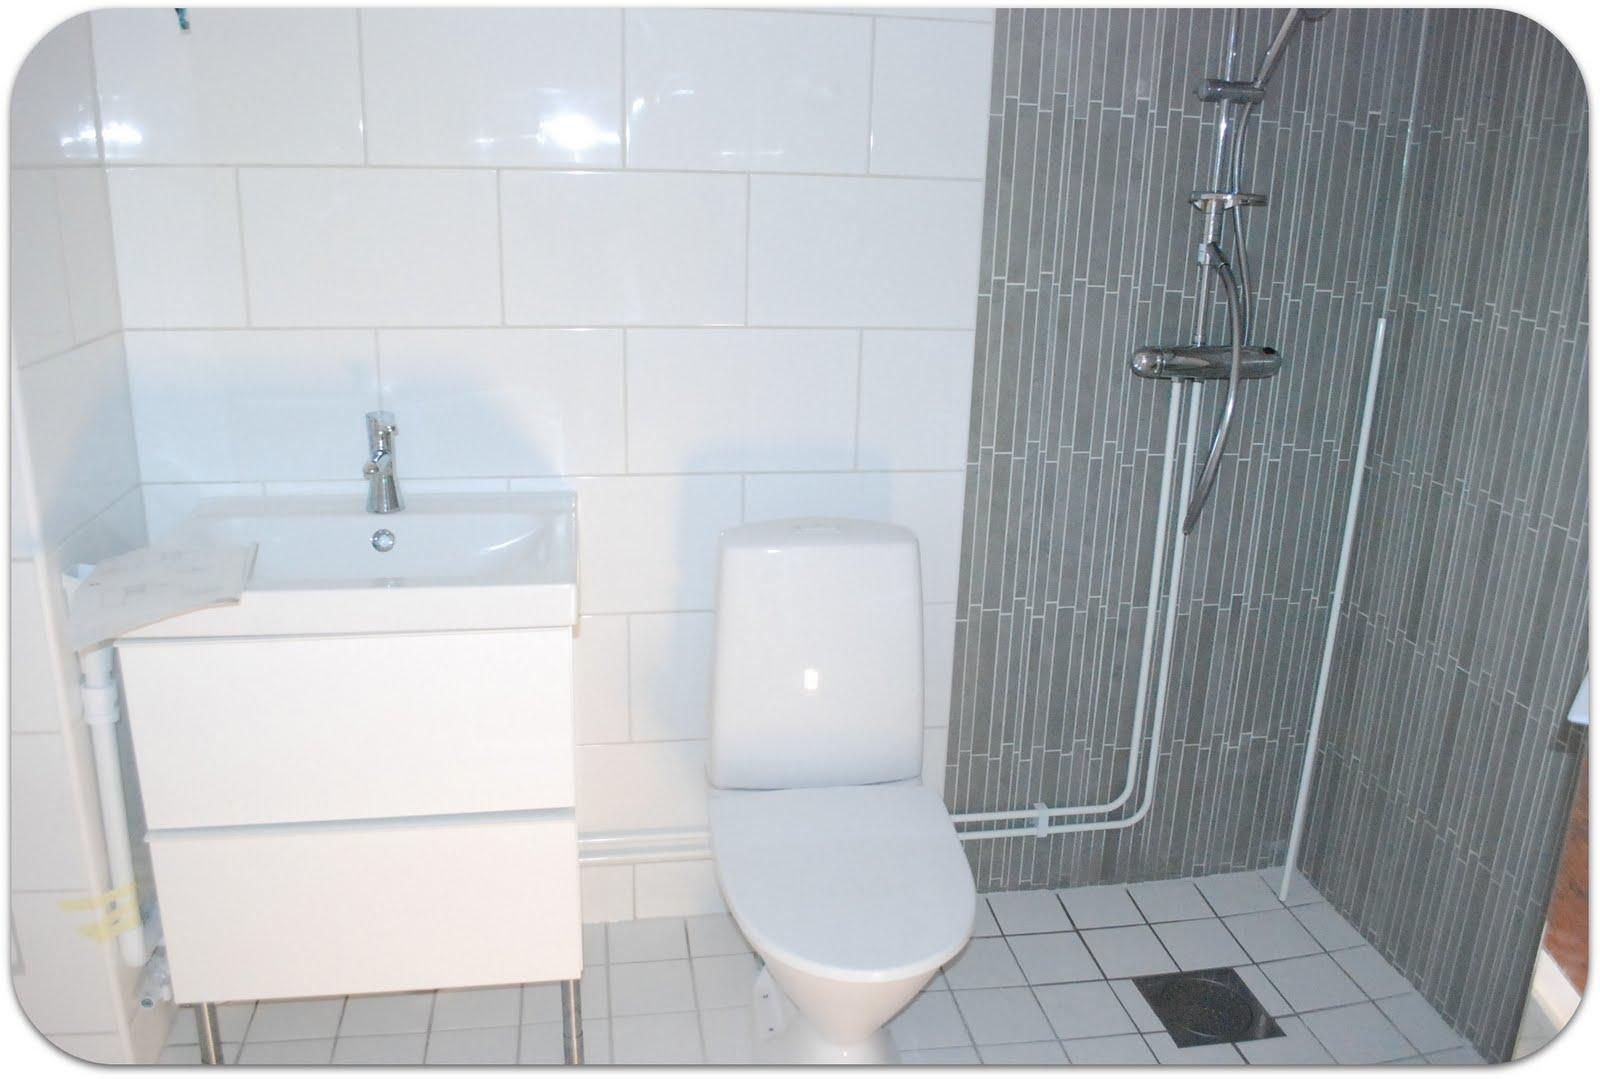 Marlene zufic ♥: badrummet blir så fint